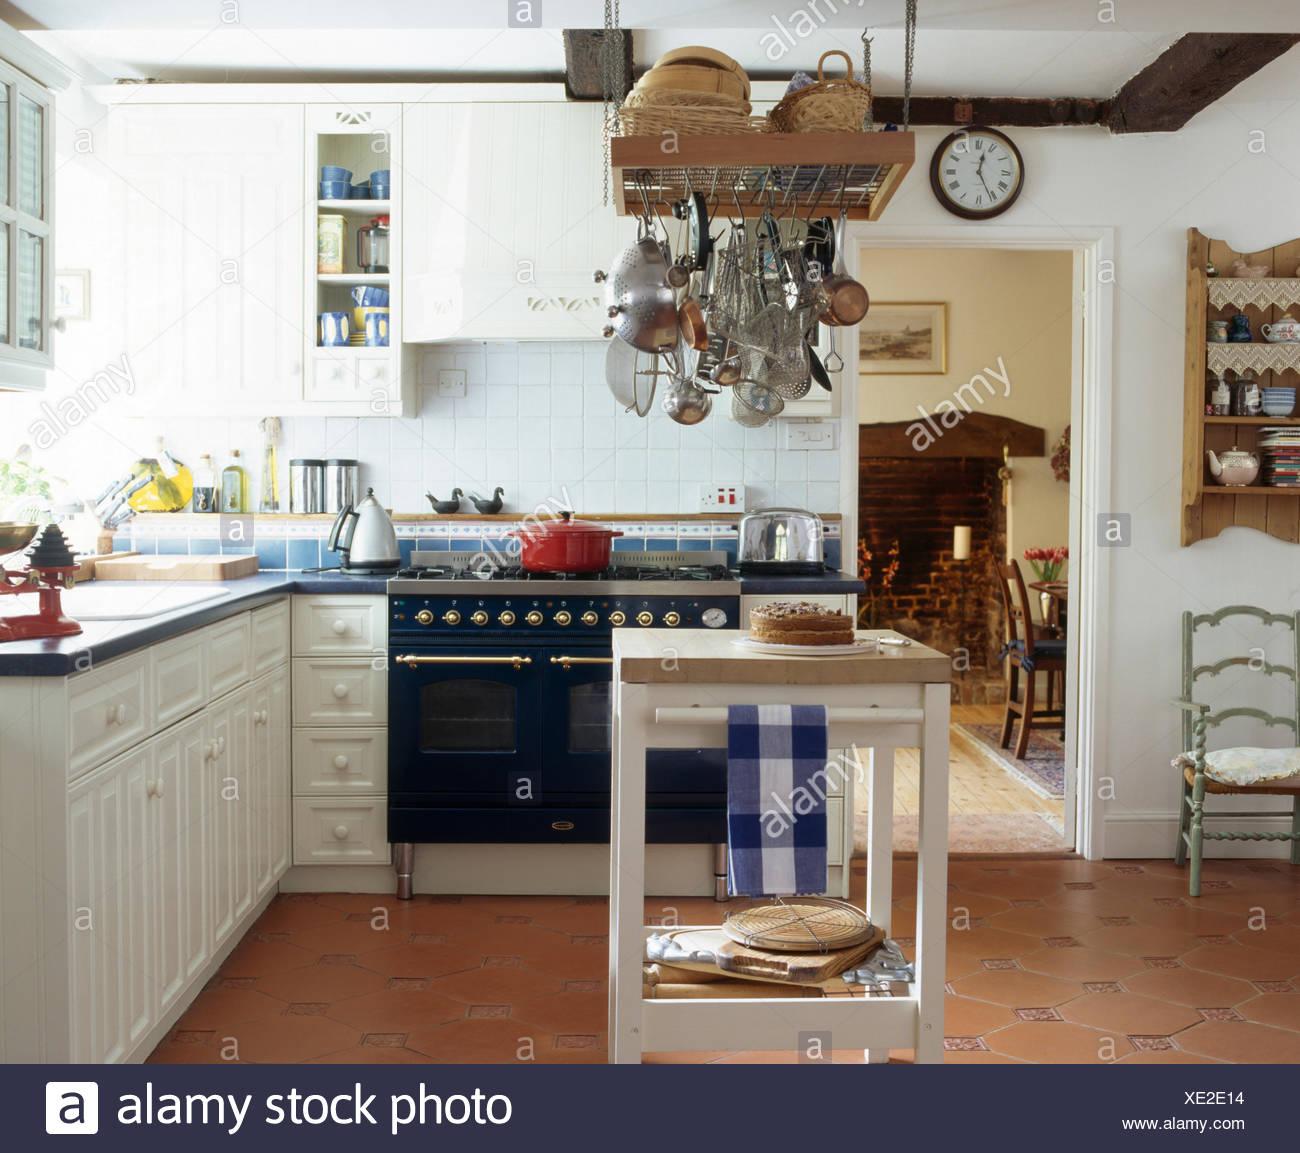 Excelente Boos Carnicero Isla De Cocina De Bloque Imágenes - Ideas ...